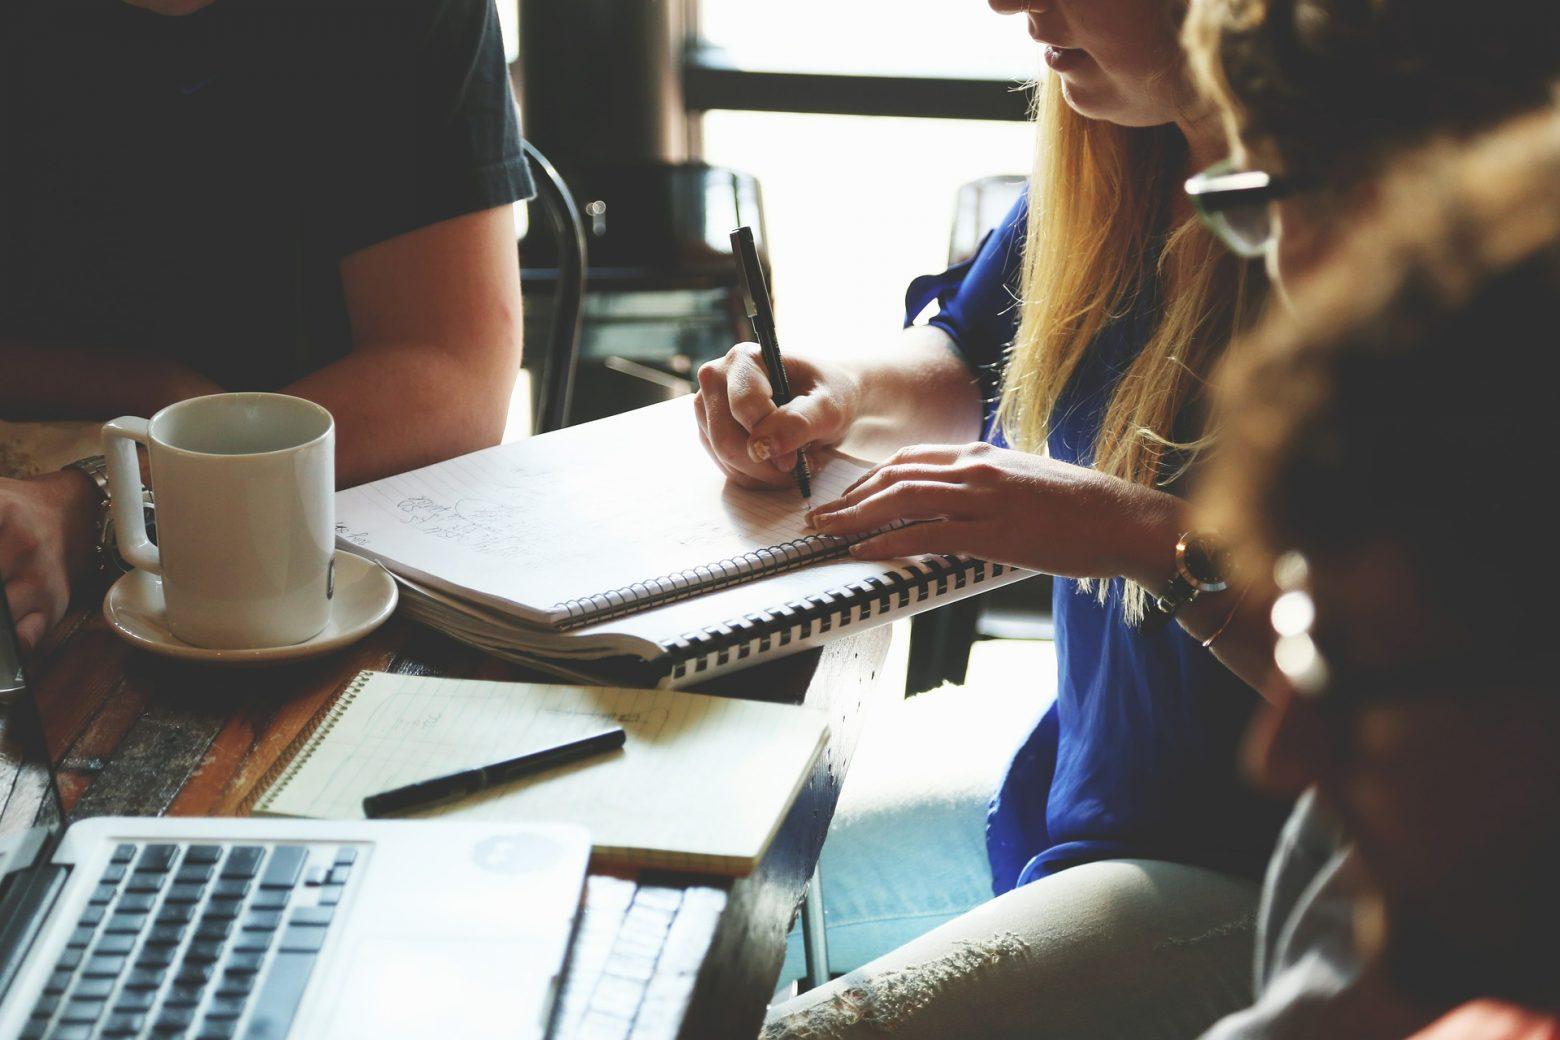 Travail : 6 astuces pour être plus productif au quotidien